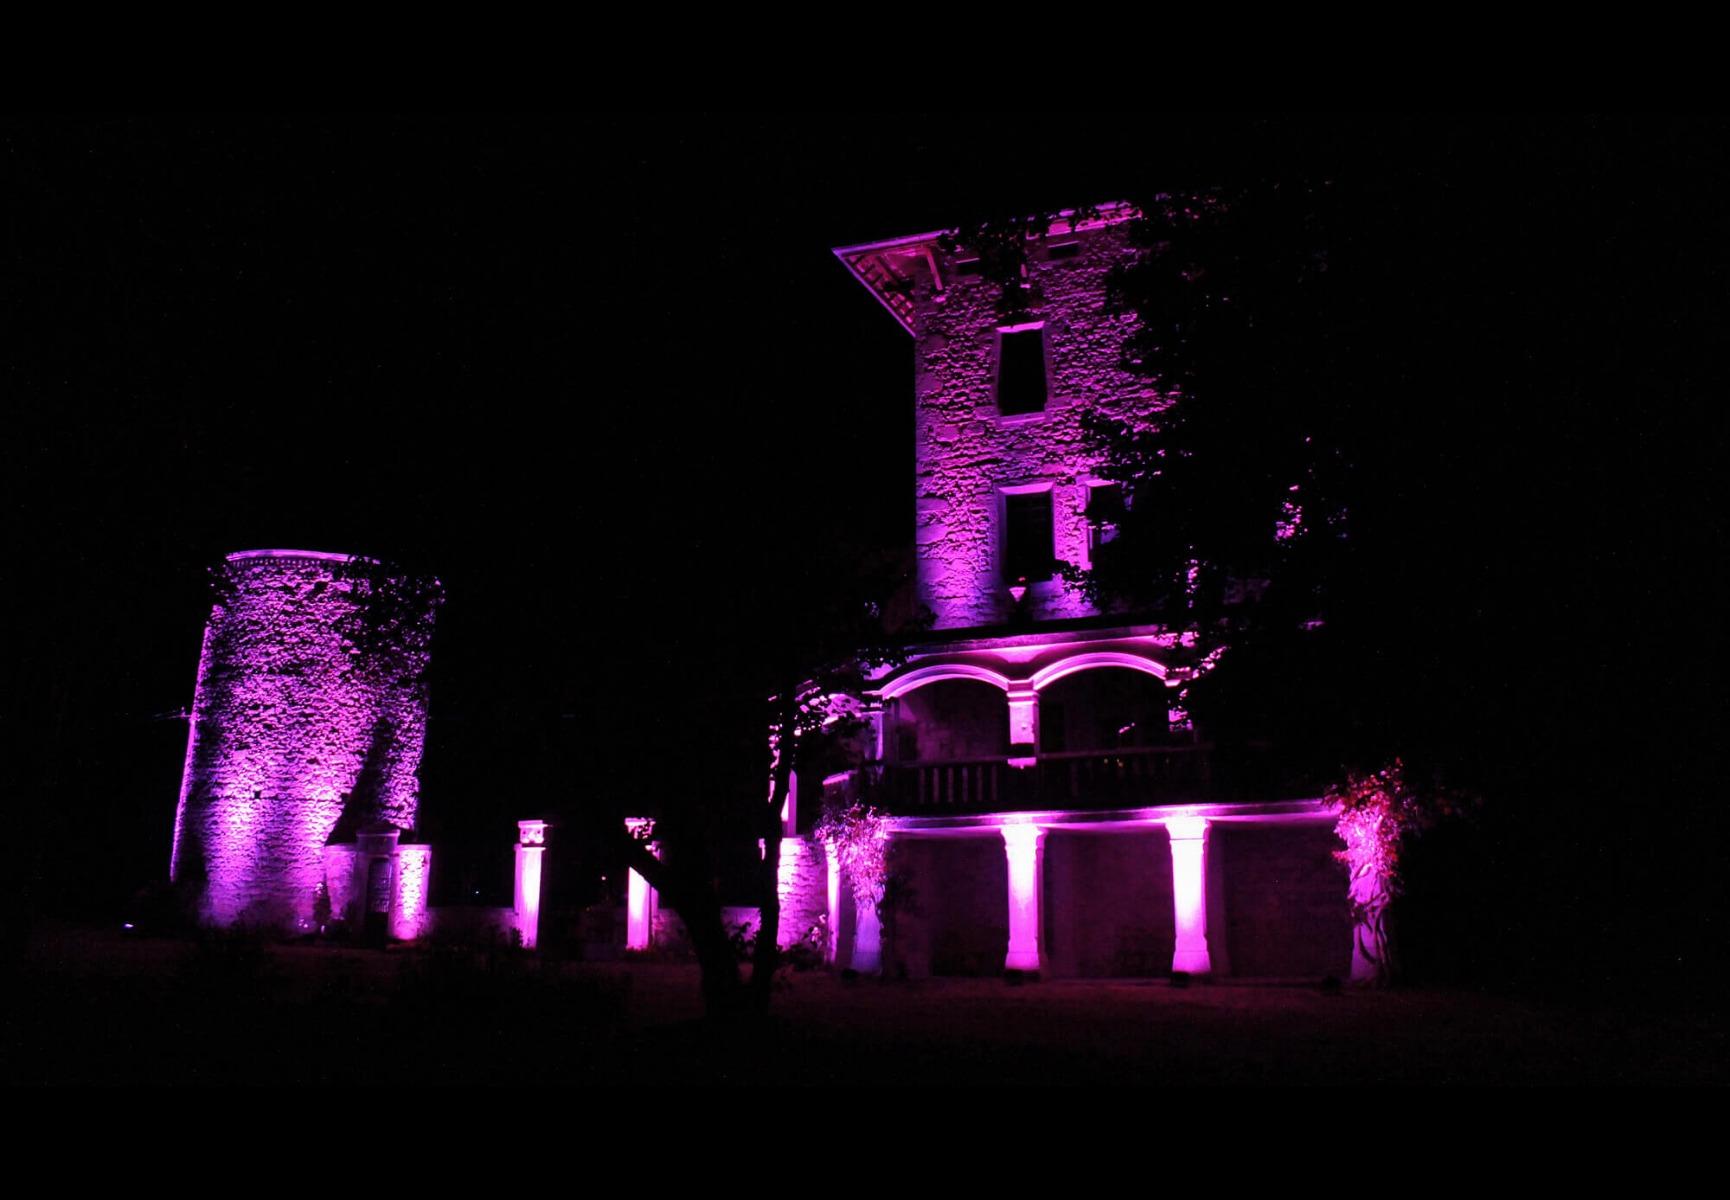 Eclairage architectural d'un château